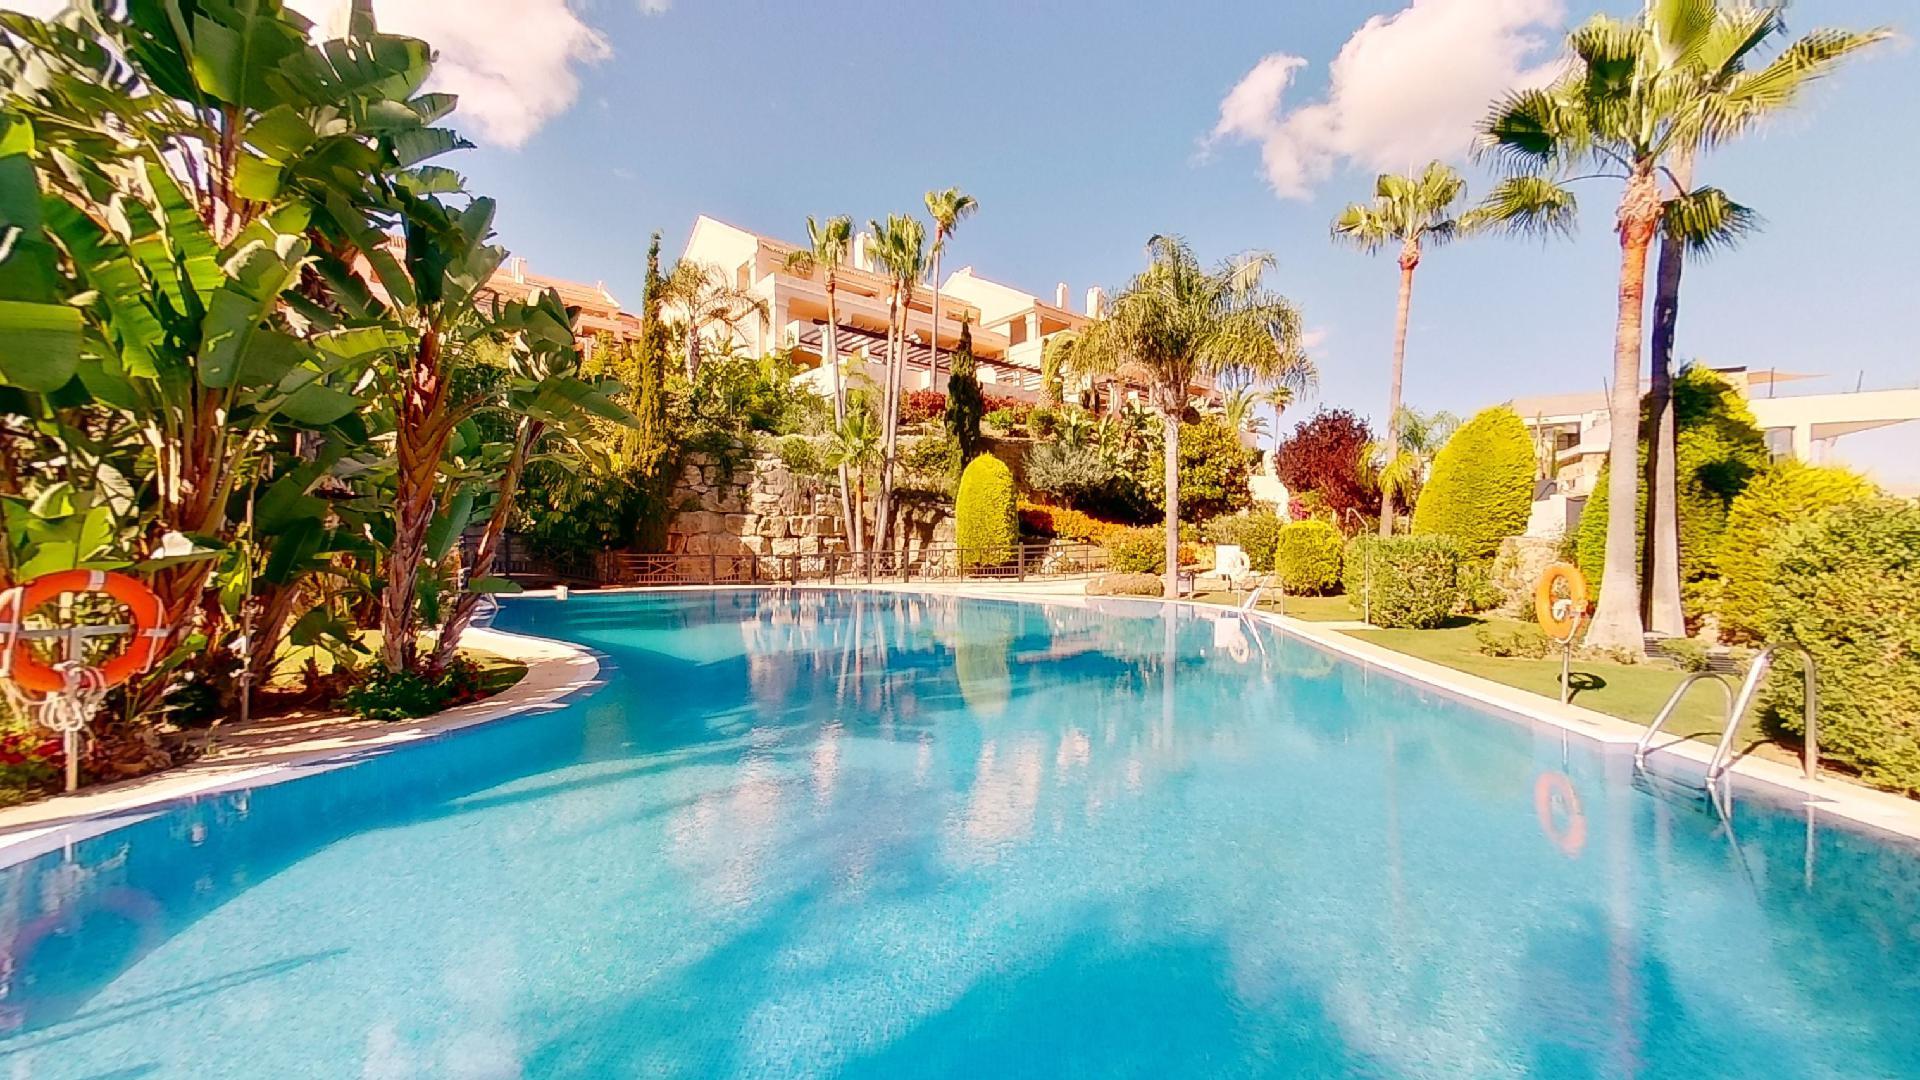 Albatros Hills: Spacious apartment in a top location in Nueva Andalucía